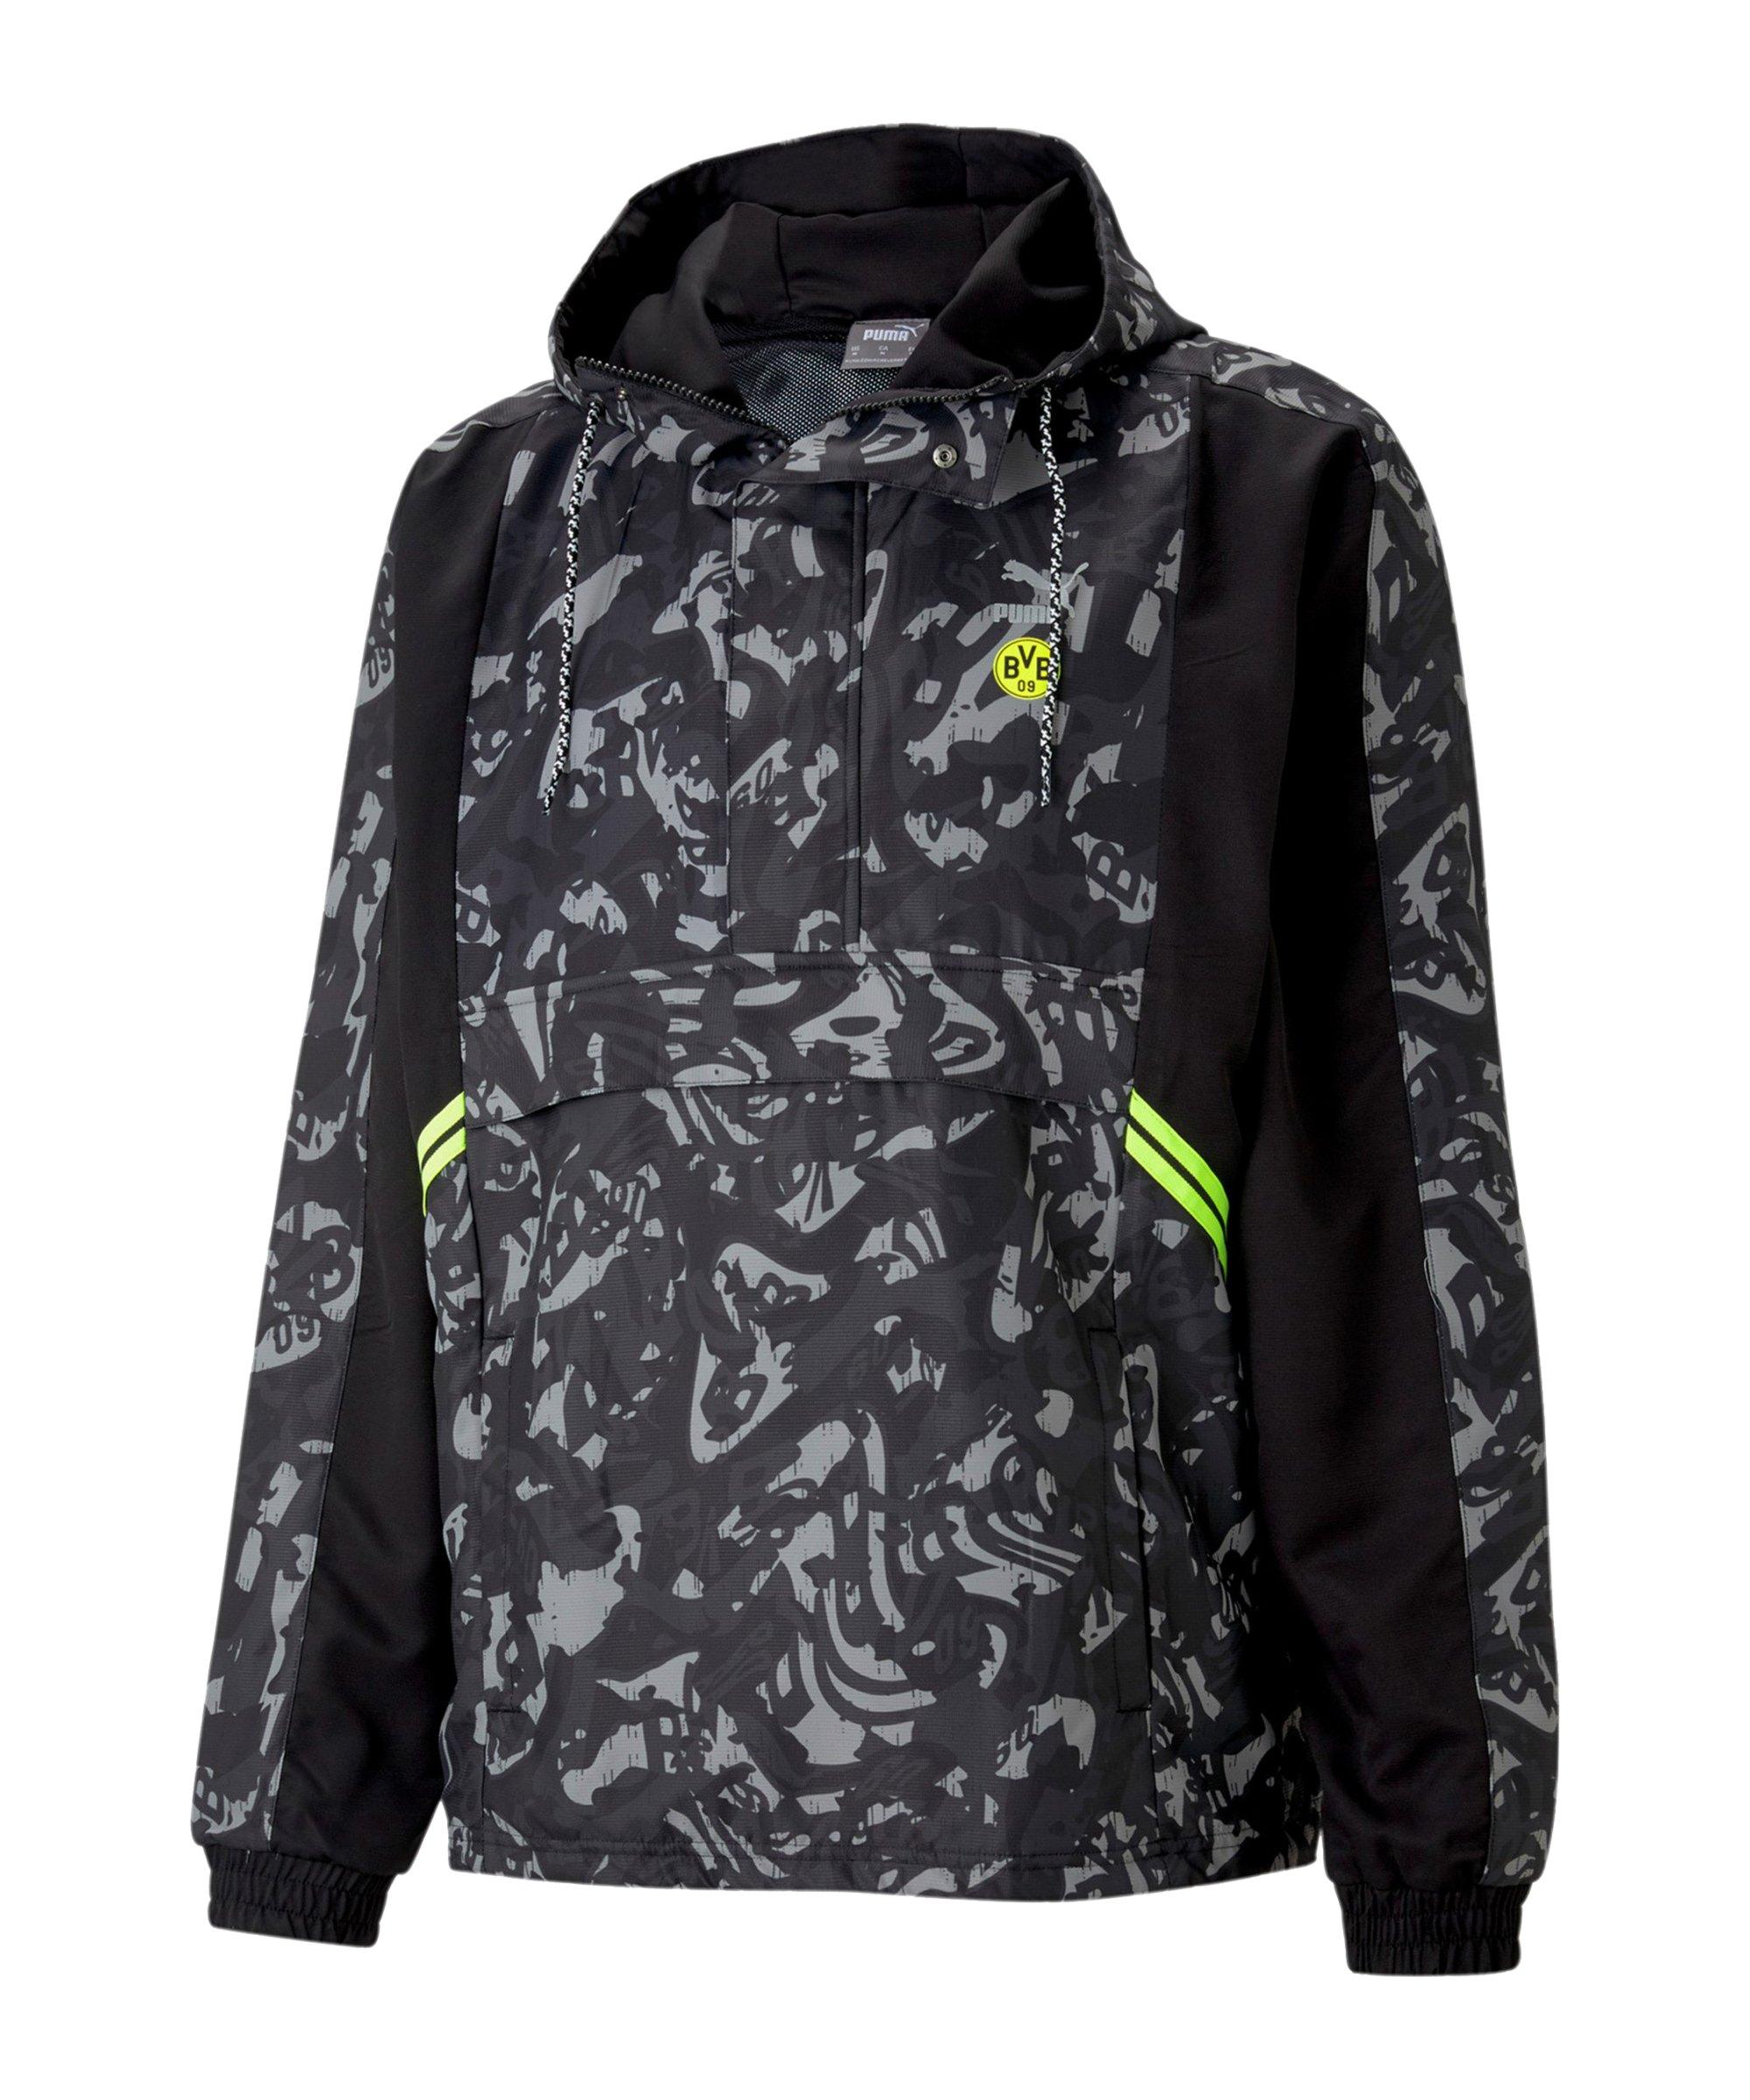 PUMA BVB Dortmund TFS HalfZip Sweatshirt Schwarz F20 - schwarz